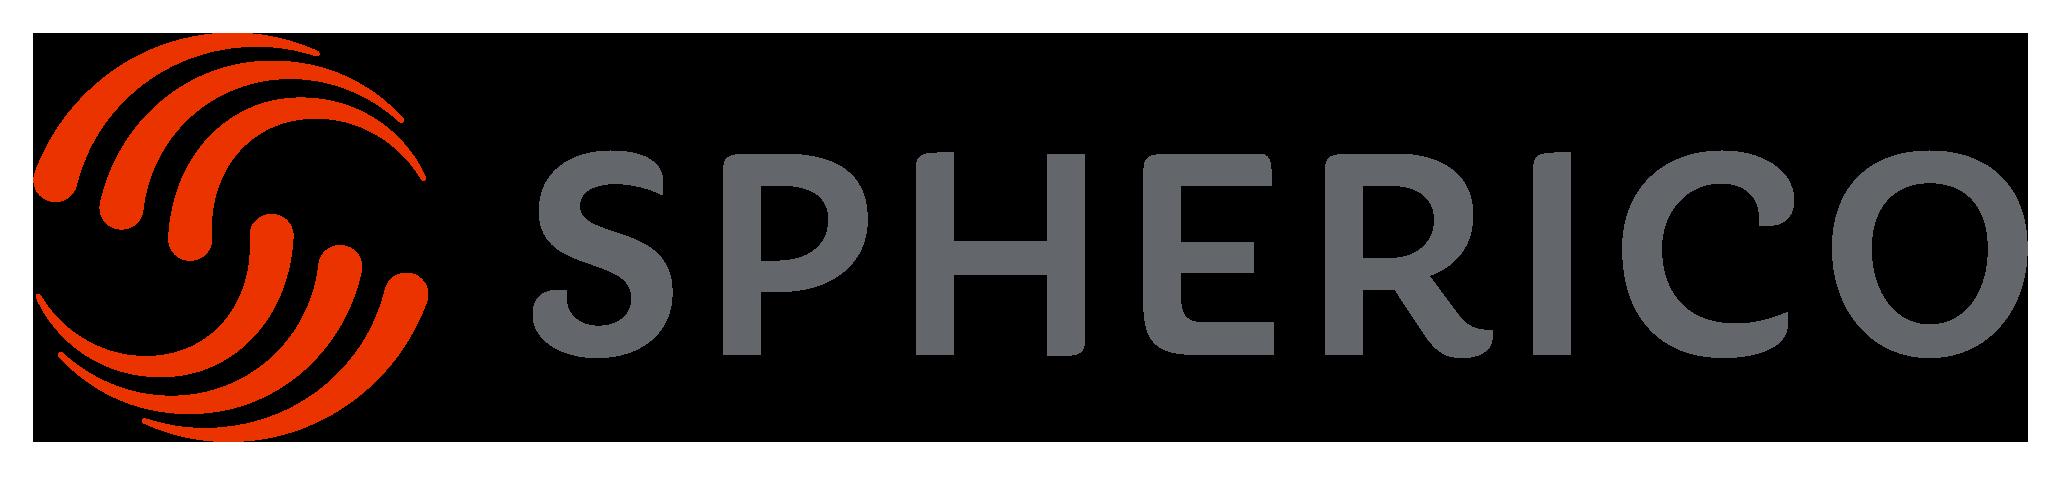 Spherico